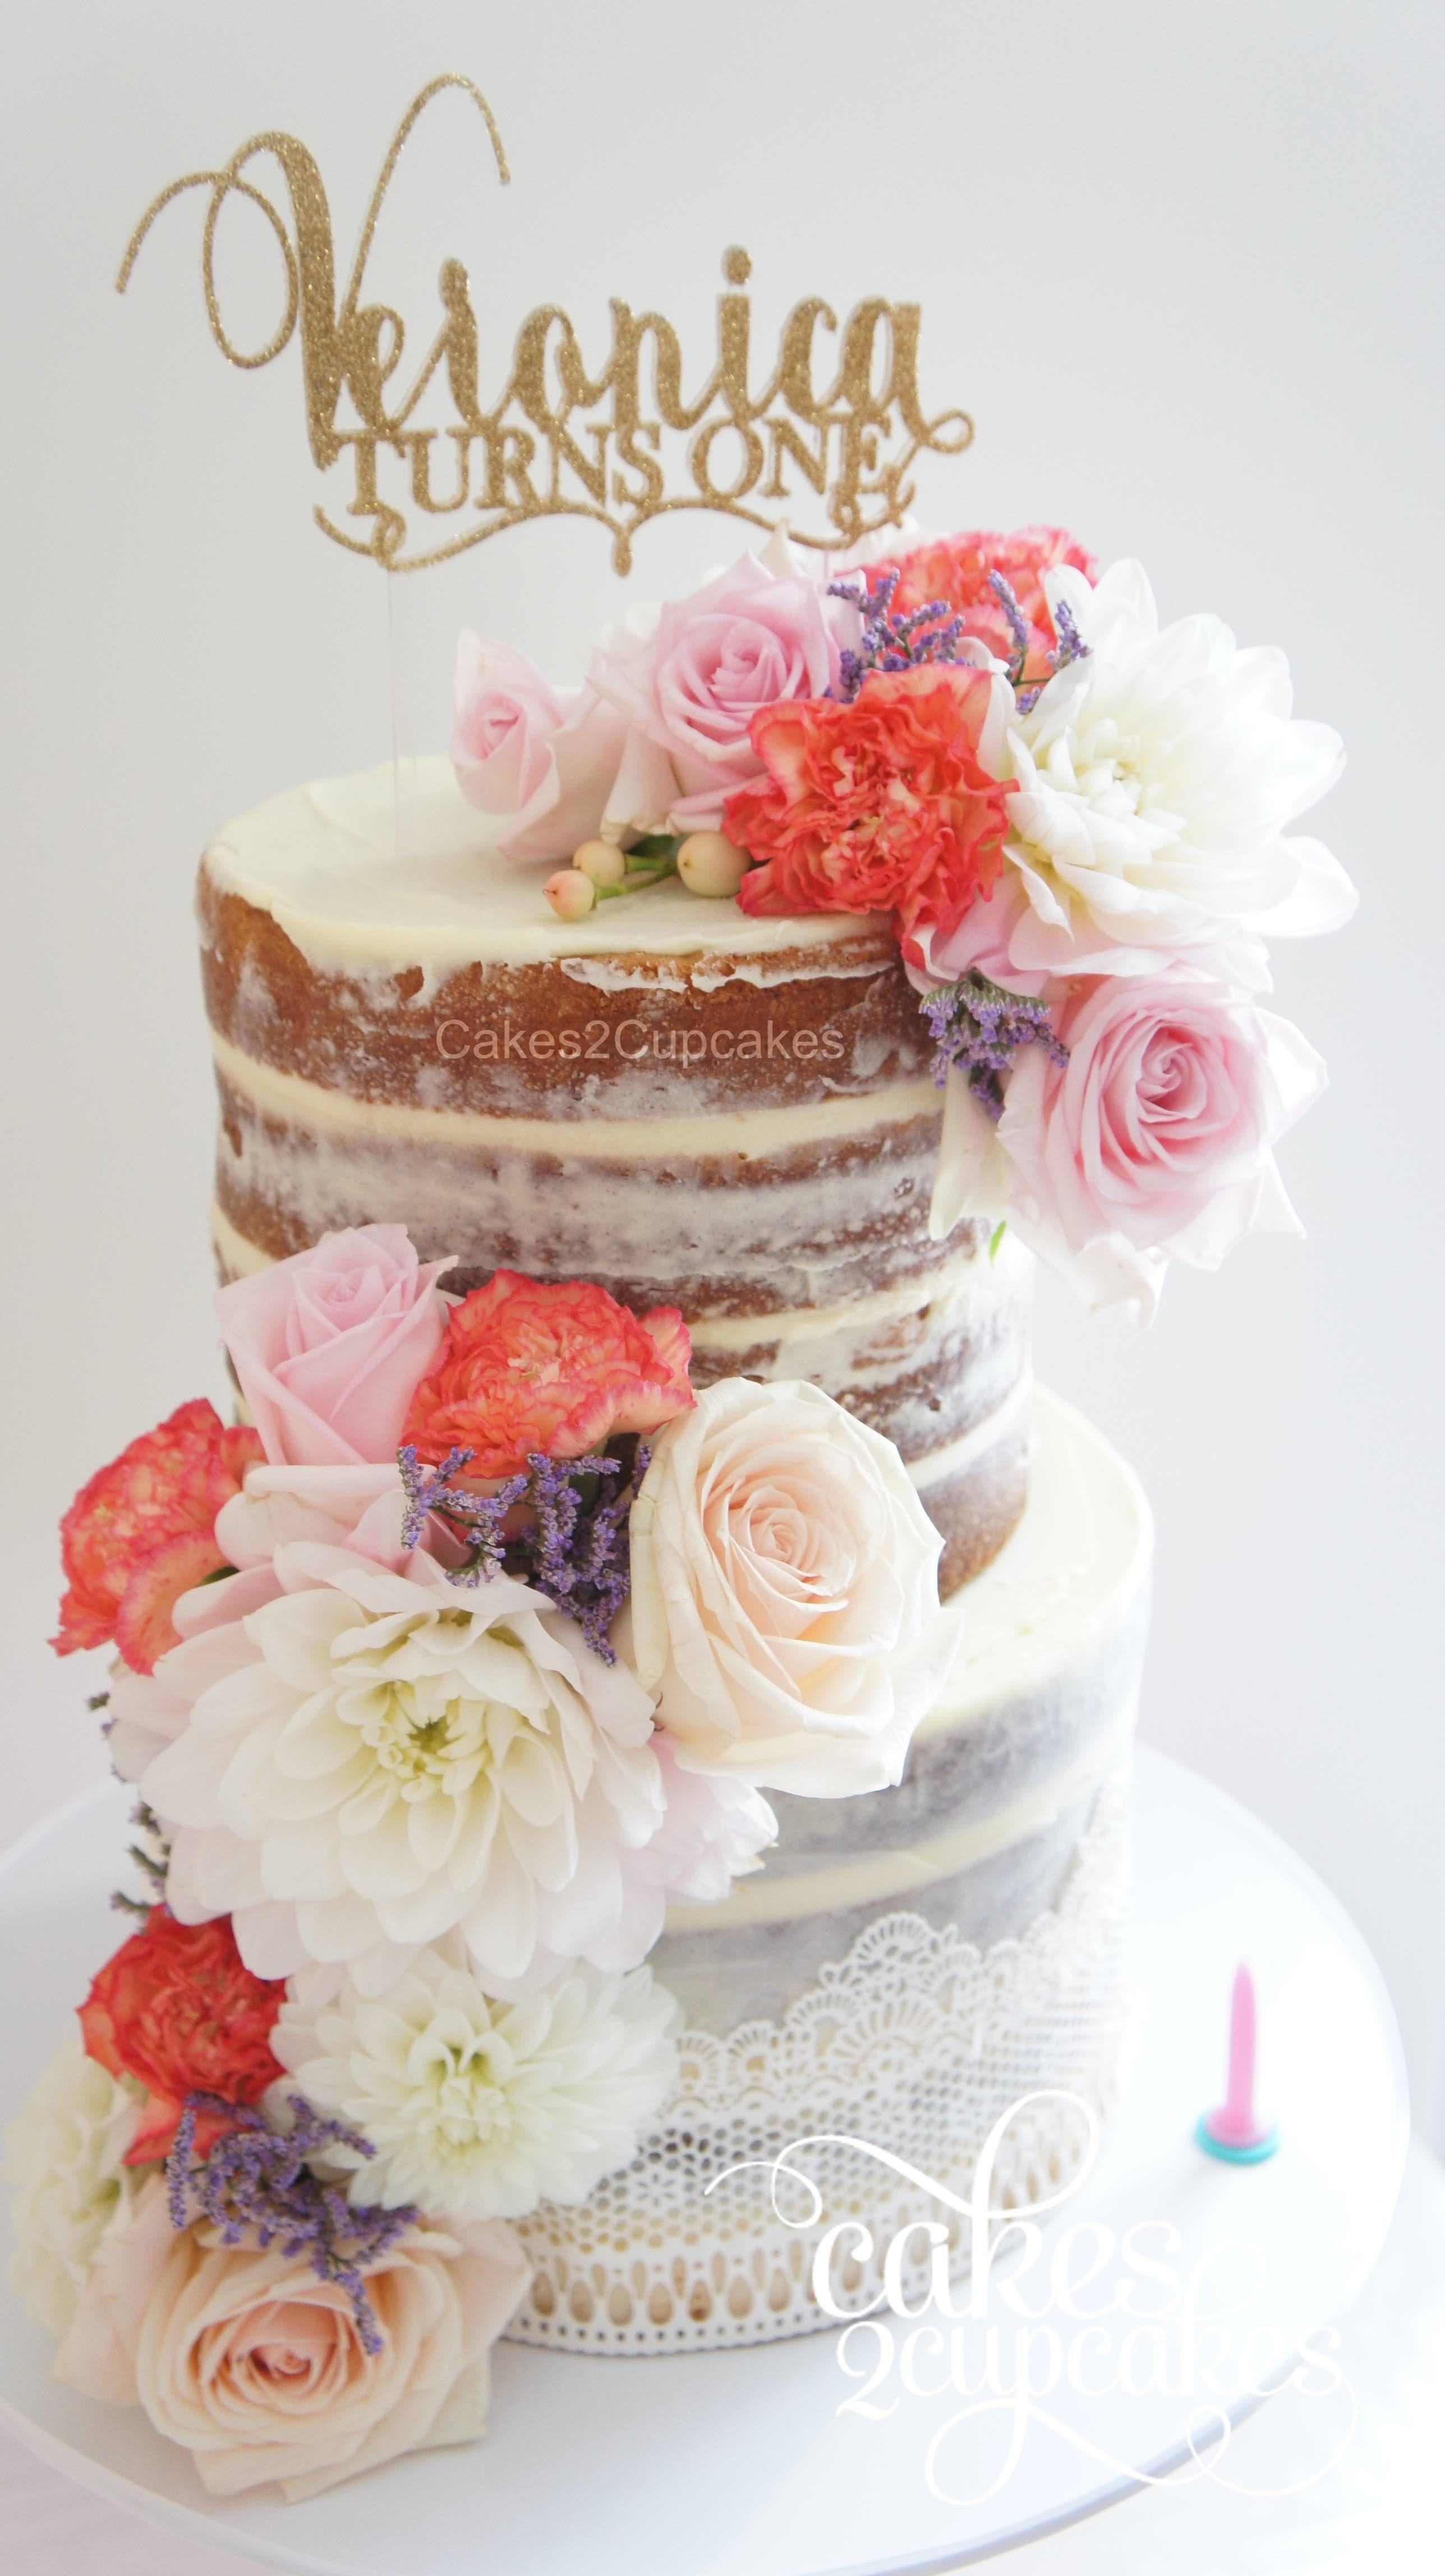 cakes2cupcakes-veronica.jpg